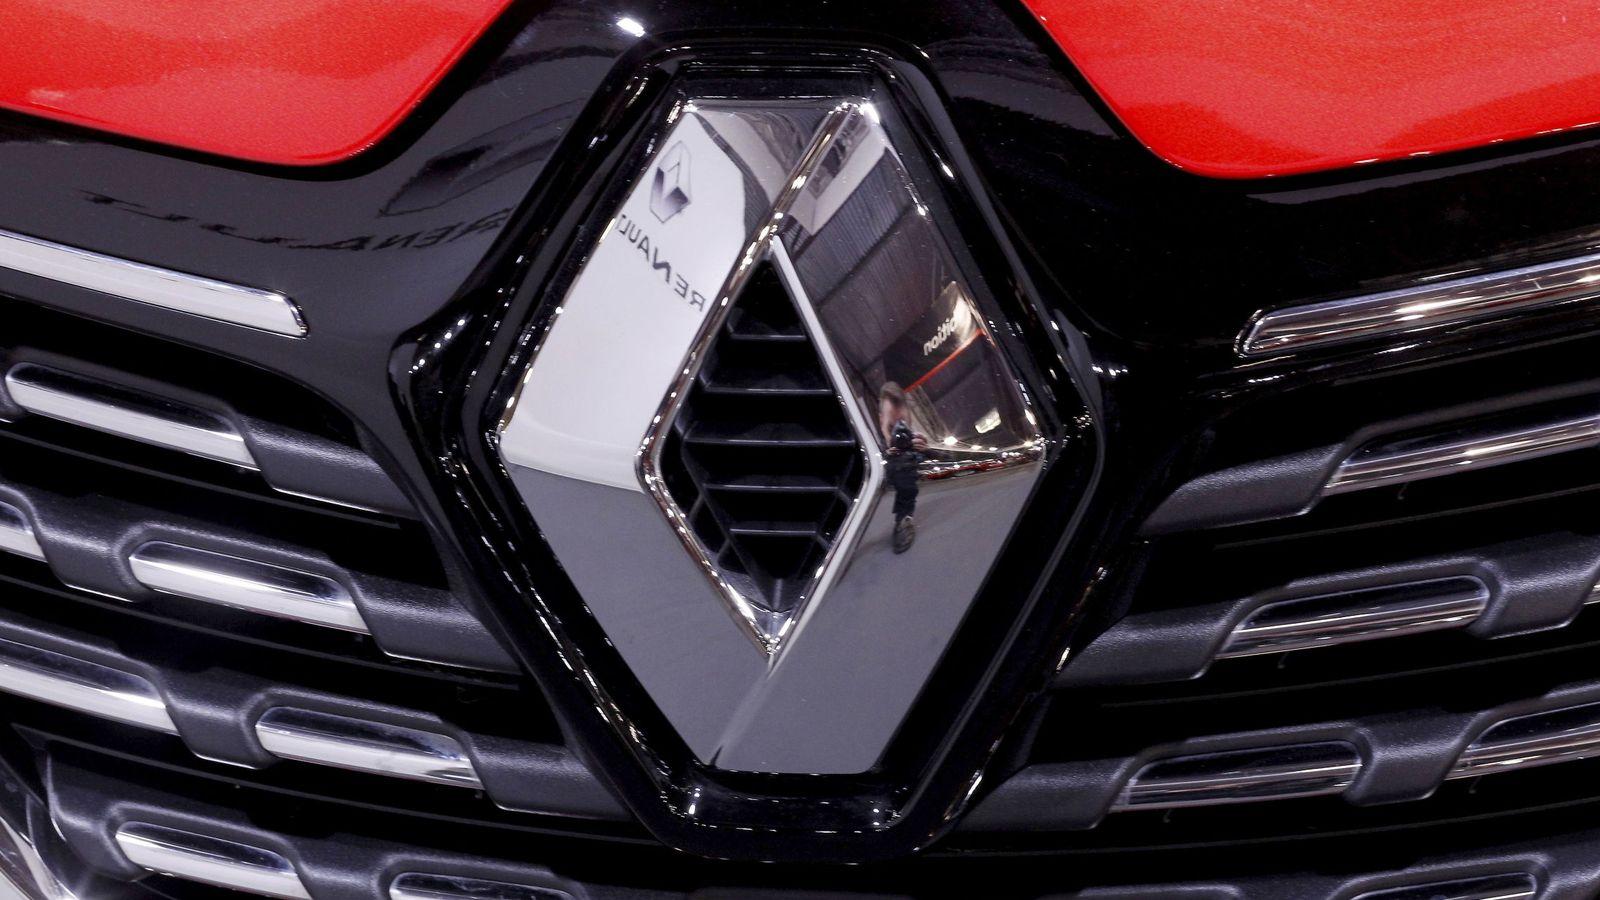 Fiat y Renault se disparan más de un 12% en bolsa tras confirmar que negocian su fusión